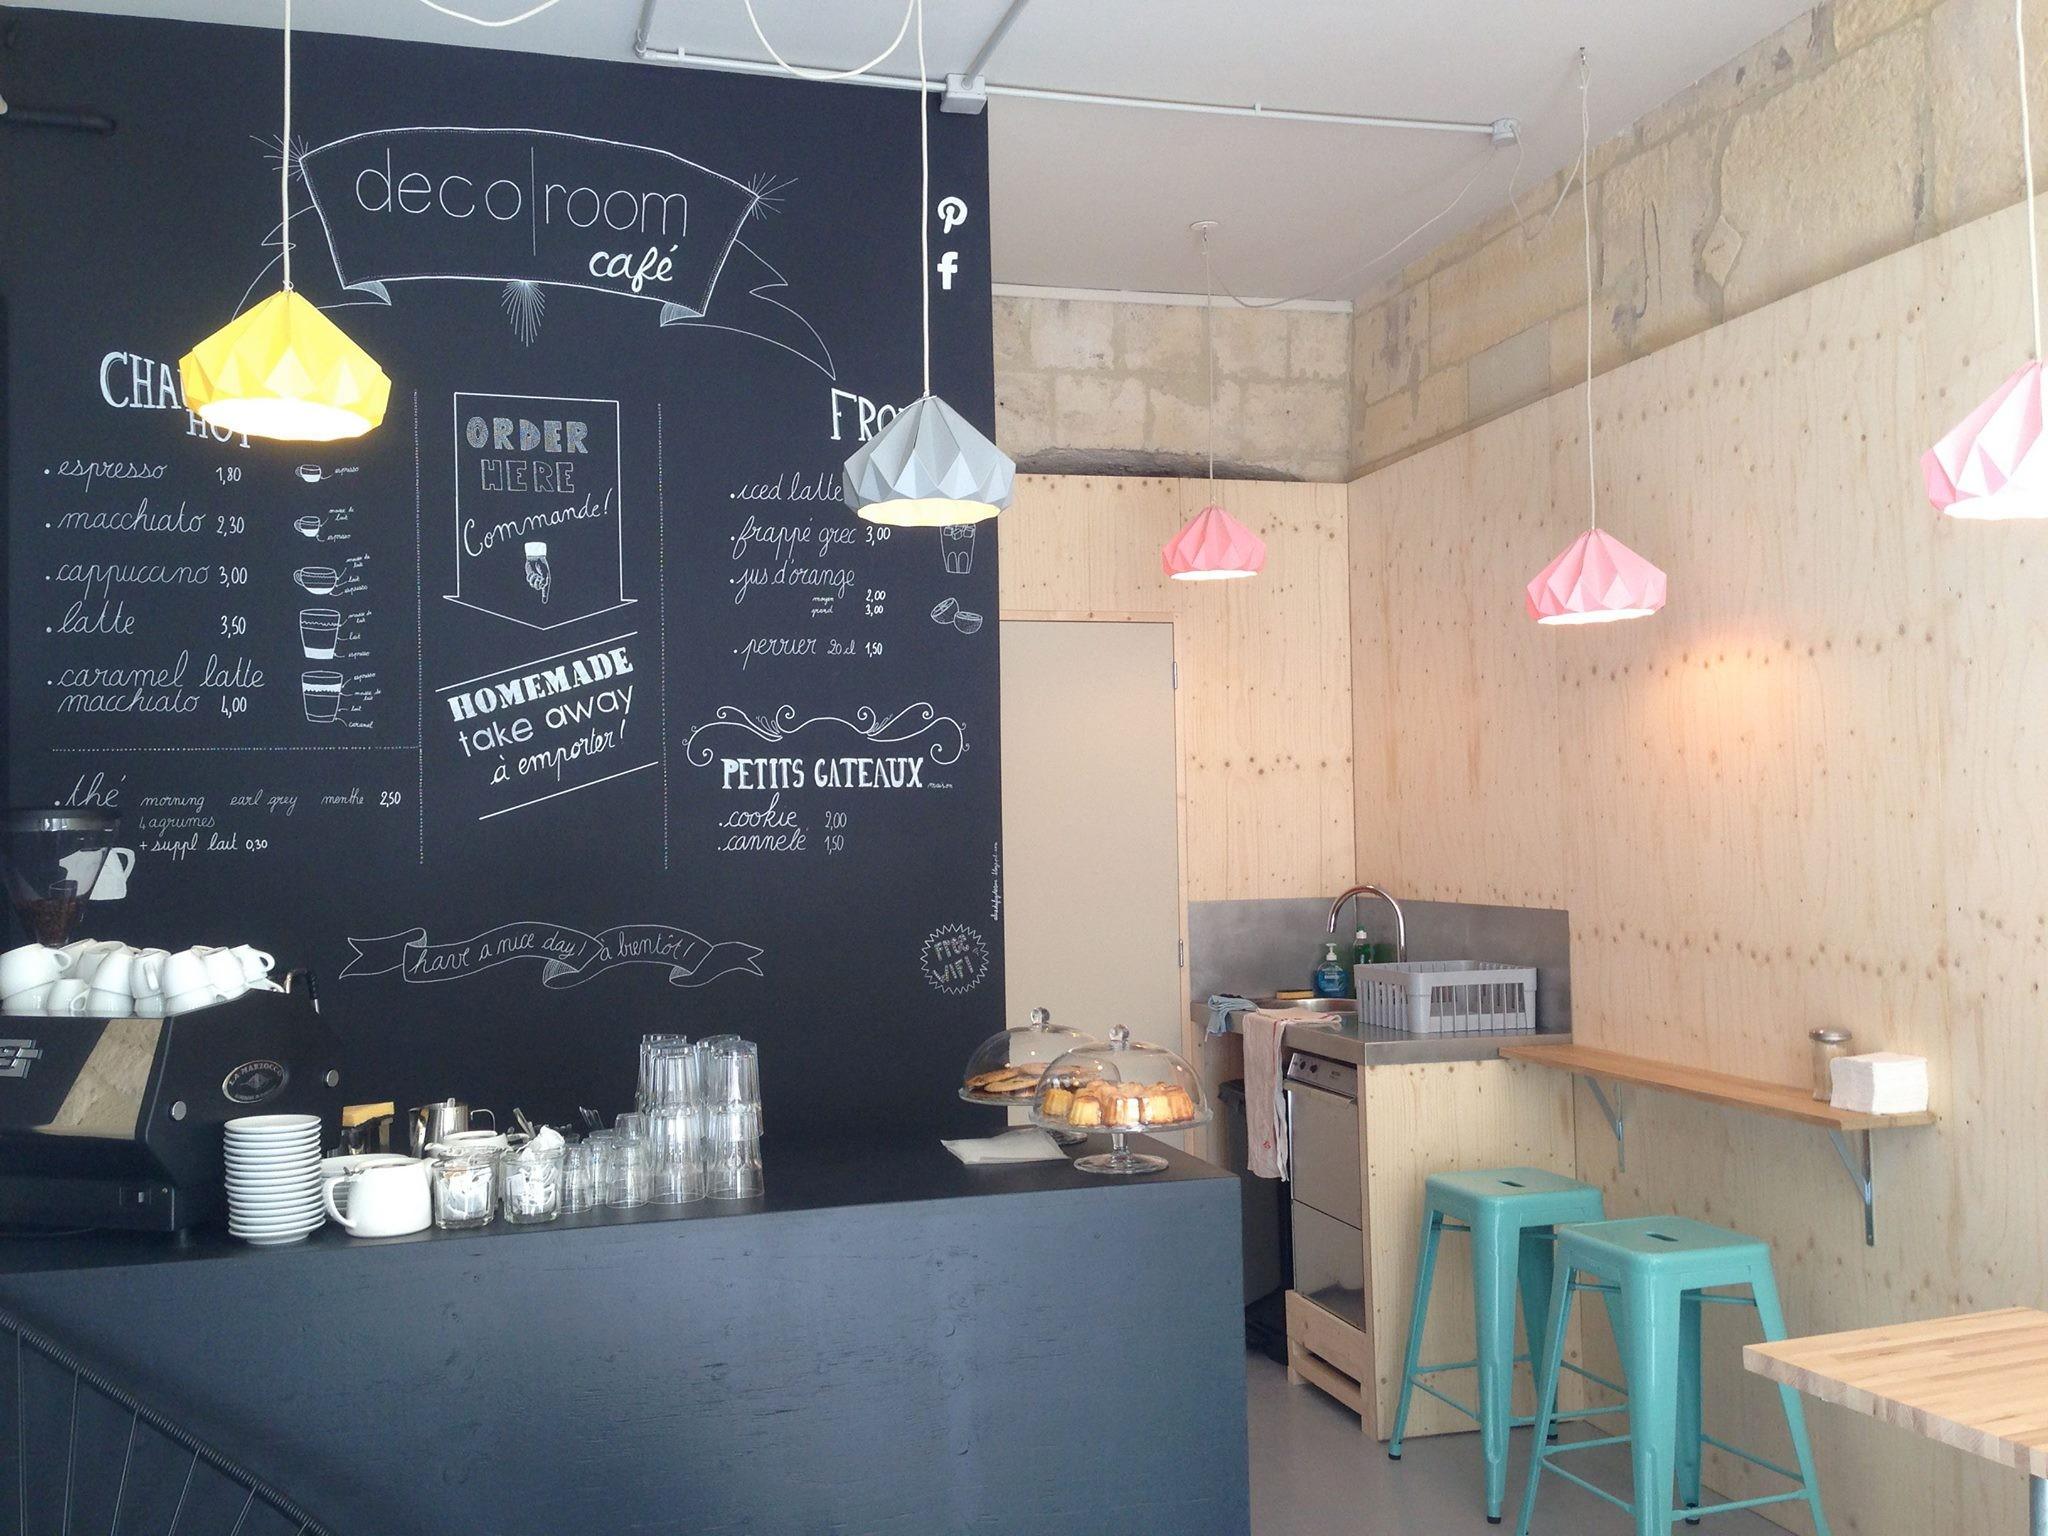 Studio Snowpuppe Lamp : Deco room cafe studio snowpuppe paper origami lampshades sinds